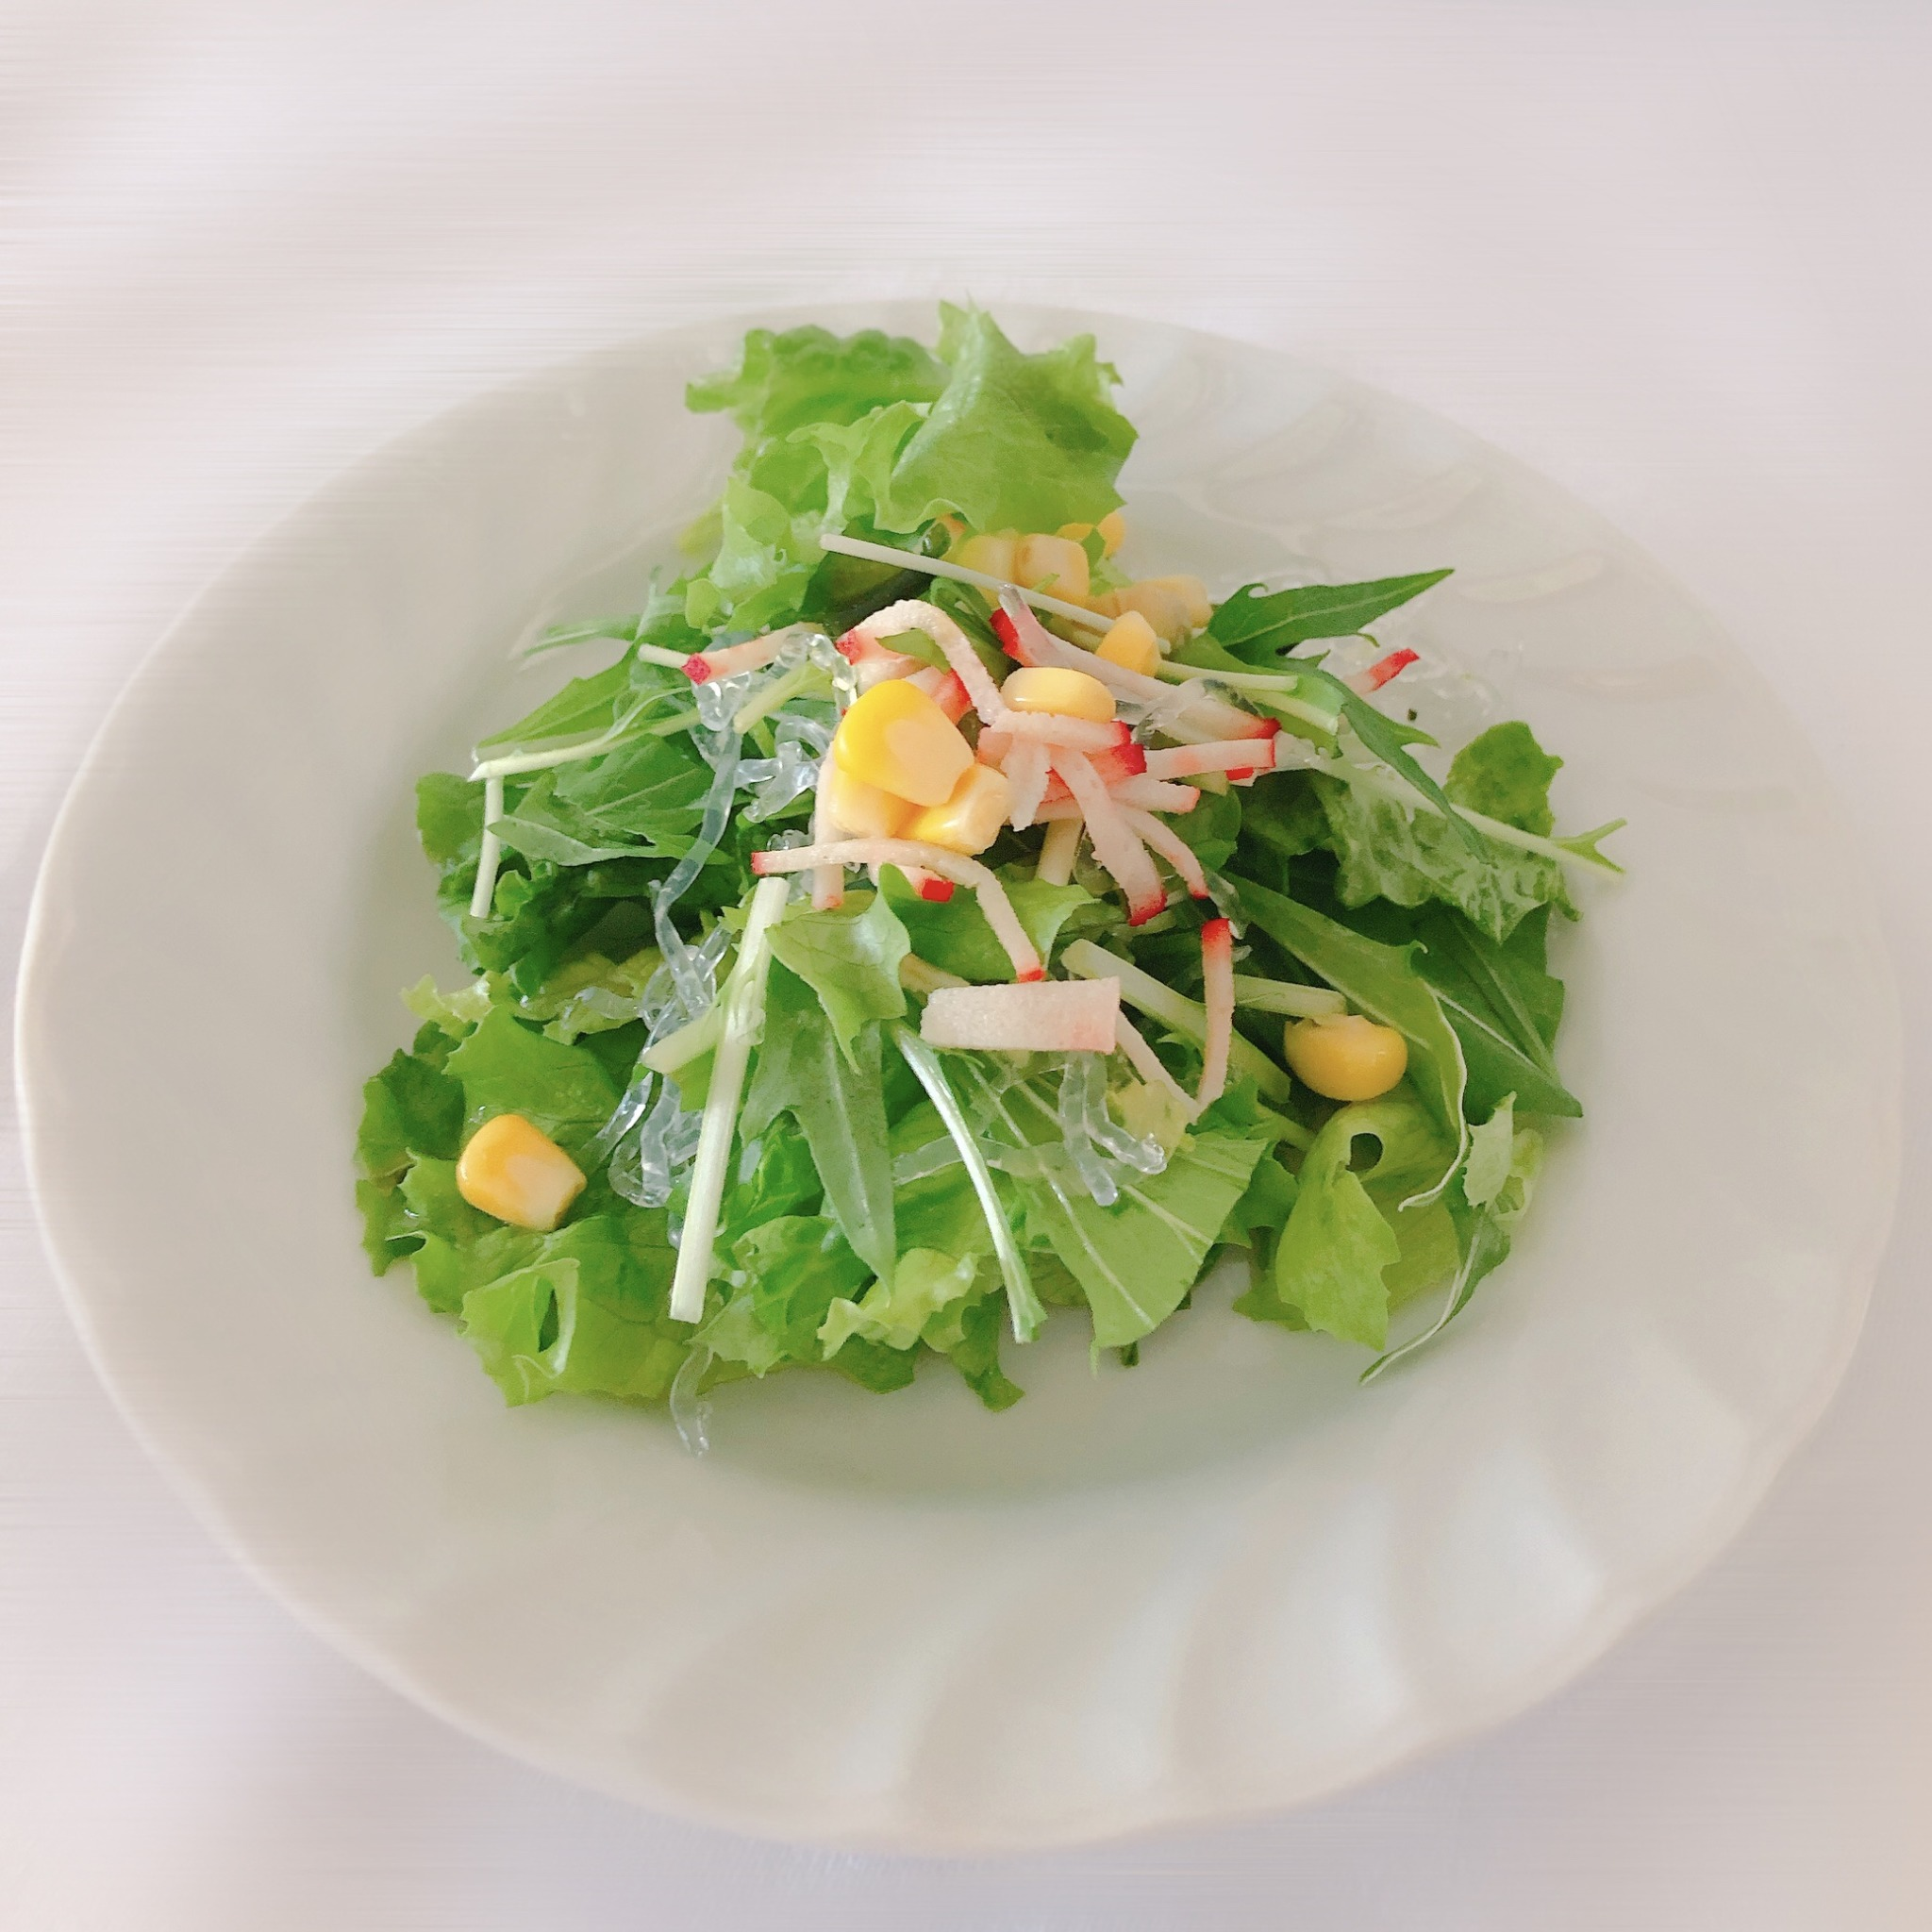 <p>シェフの気まぐれの旬の野菜などをふんだんに使用し季節感を味わえるサラダです。</p>